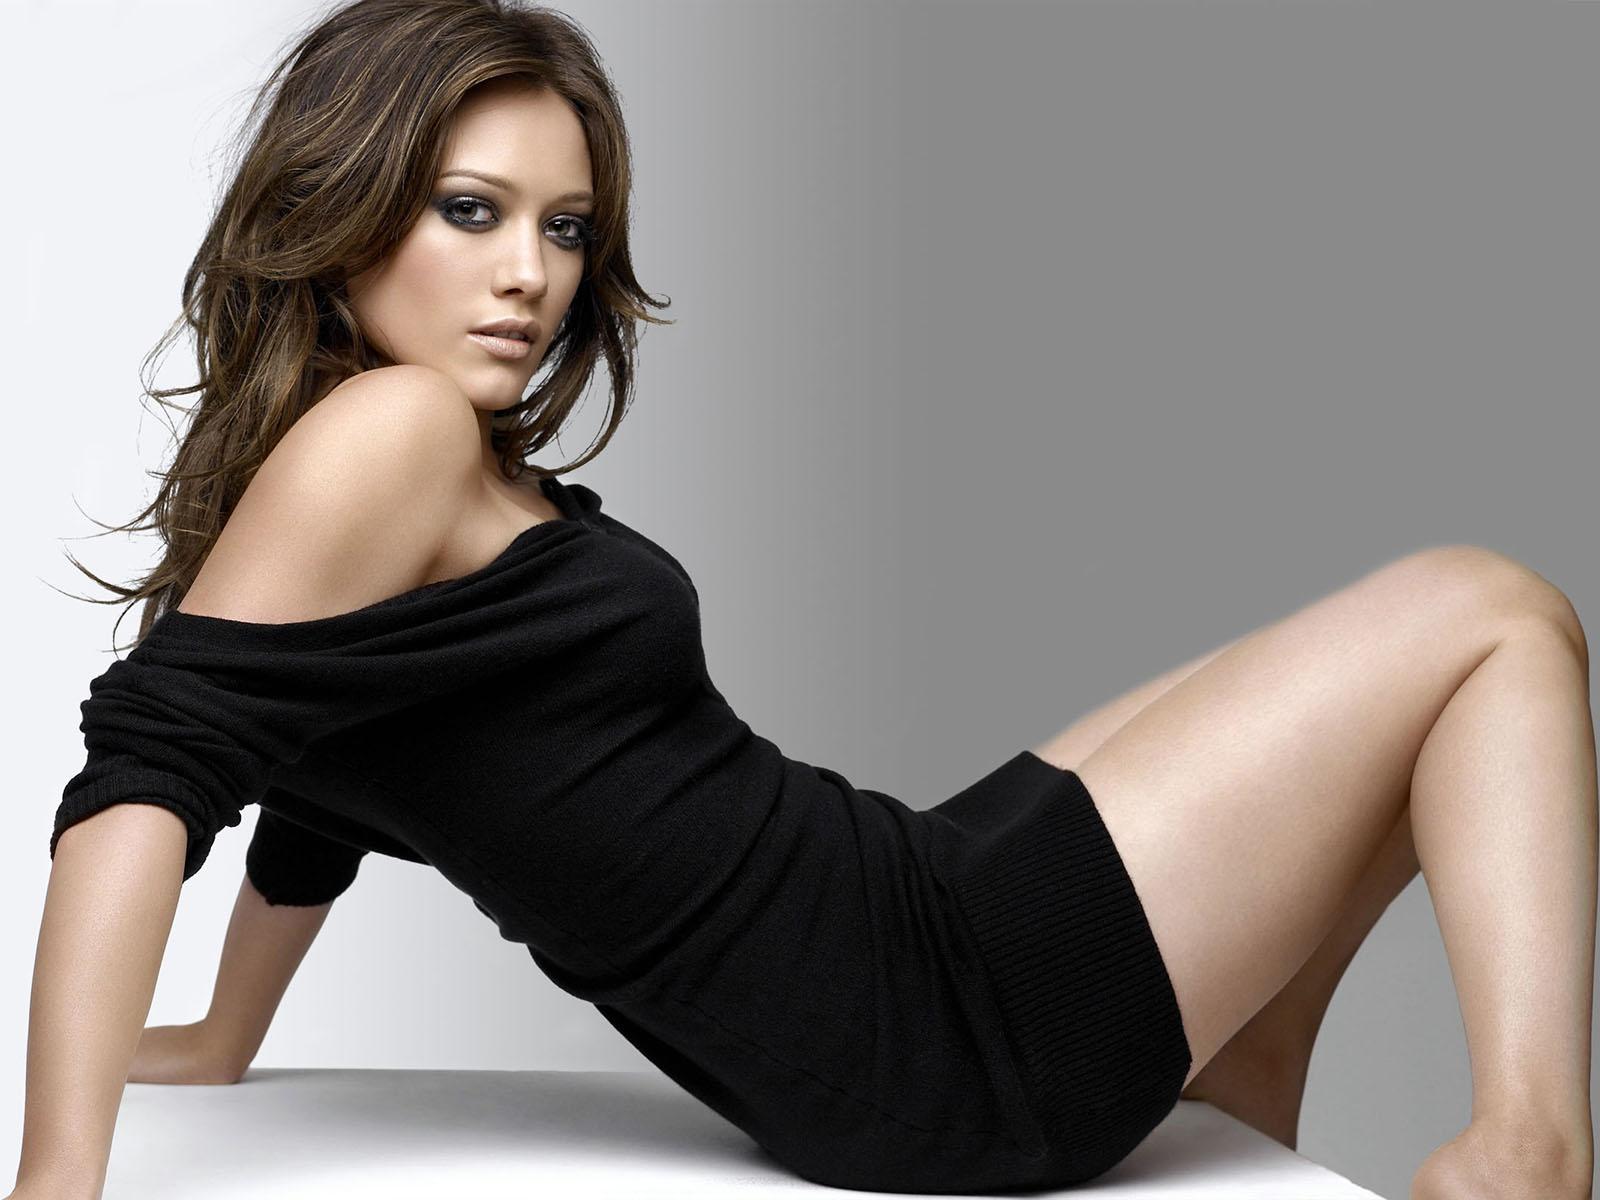 http://3.bp.blogspot.com/-FvftlQt4370/T-nGz8n705I/AAAAAAAAGdM/twyLWTyKhOA/s1600/Hilary_Duff_hot_wallpaper1234567+(6).jpg